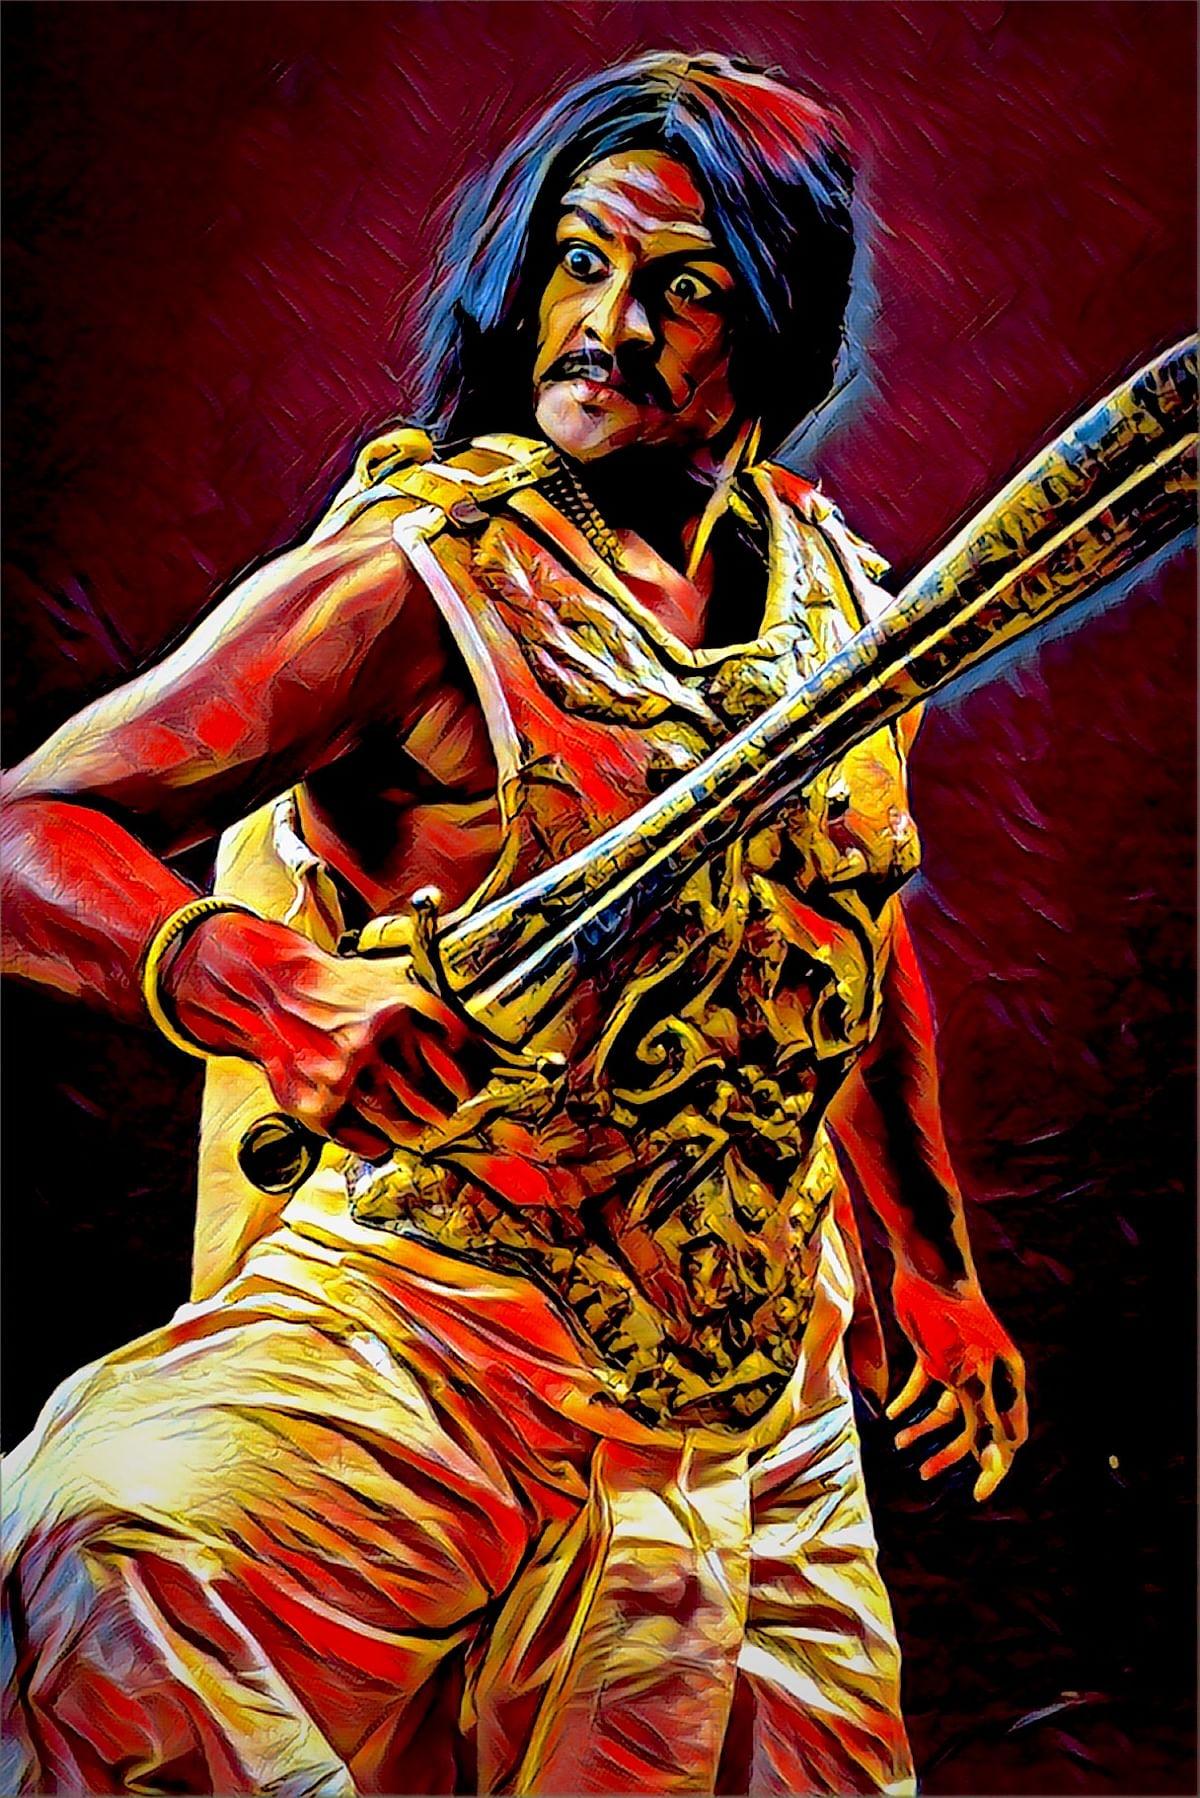 சங்க காலத்து போர் வீரர்